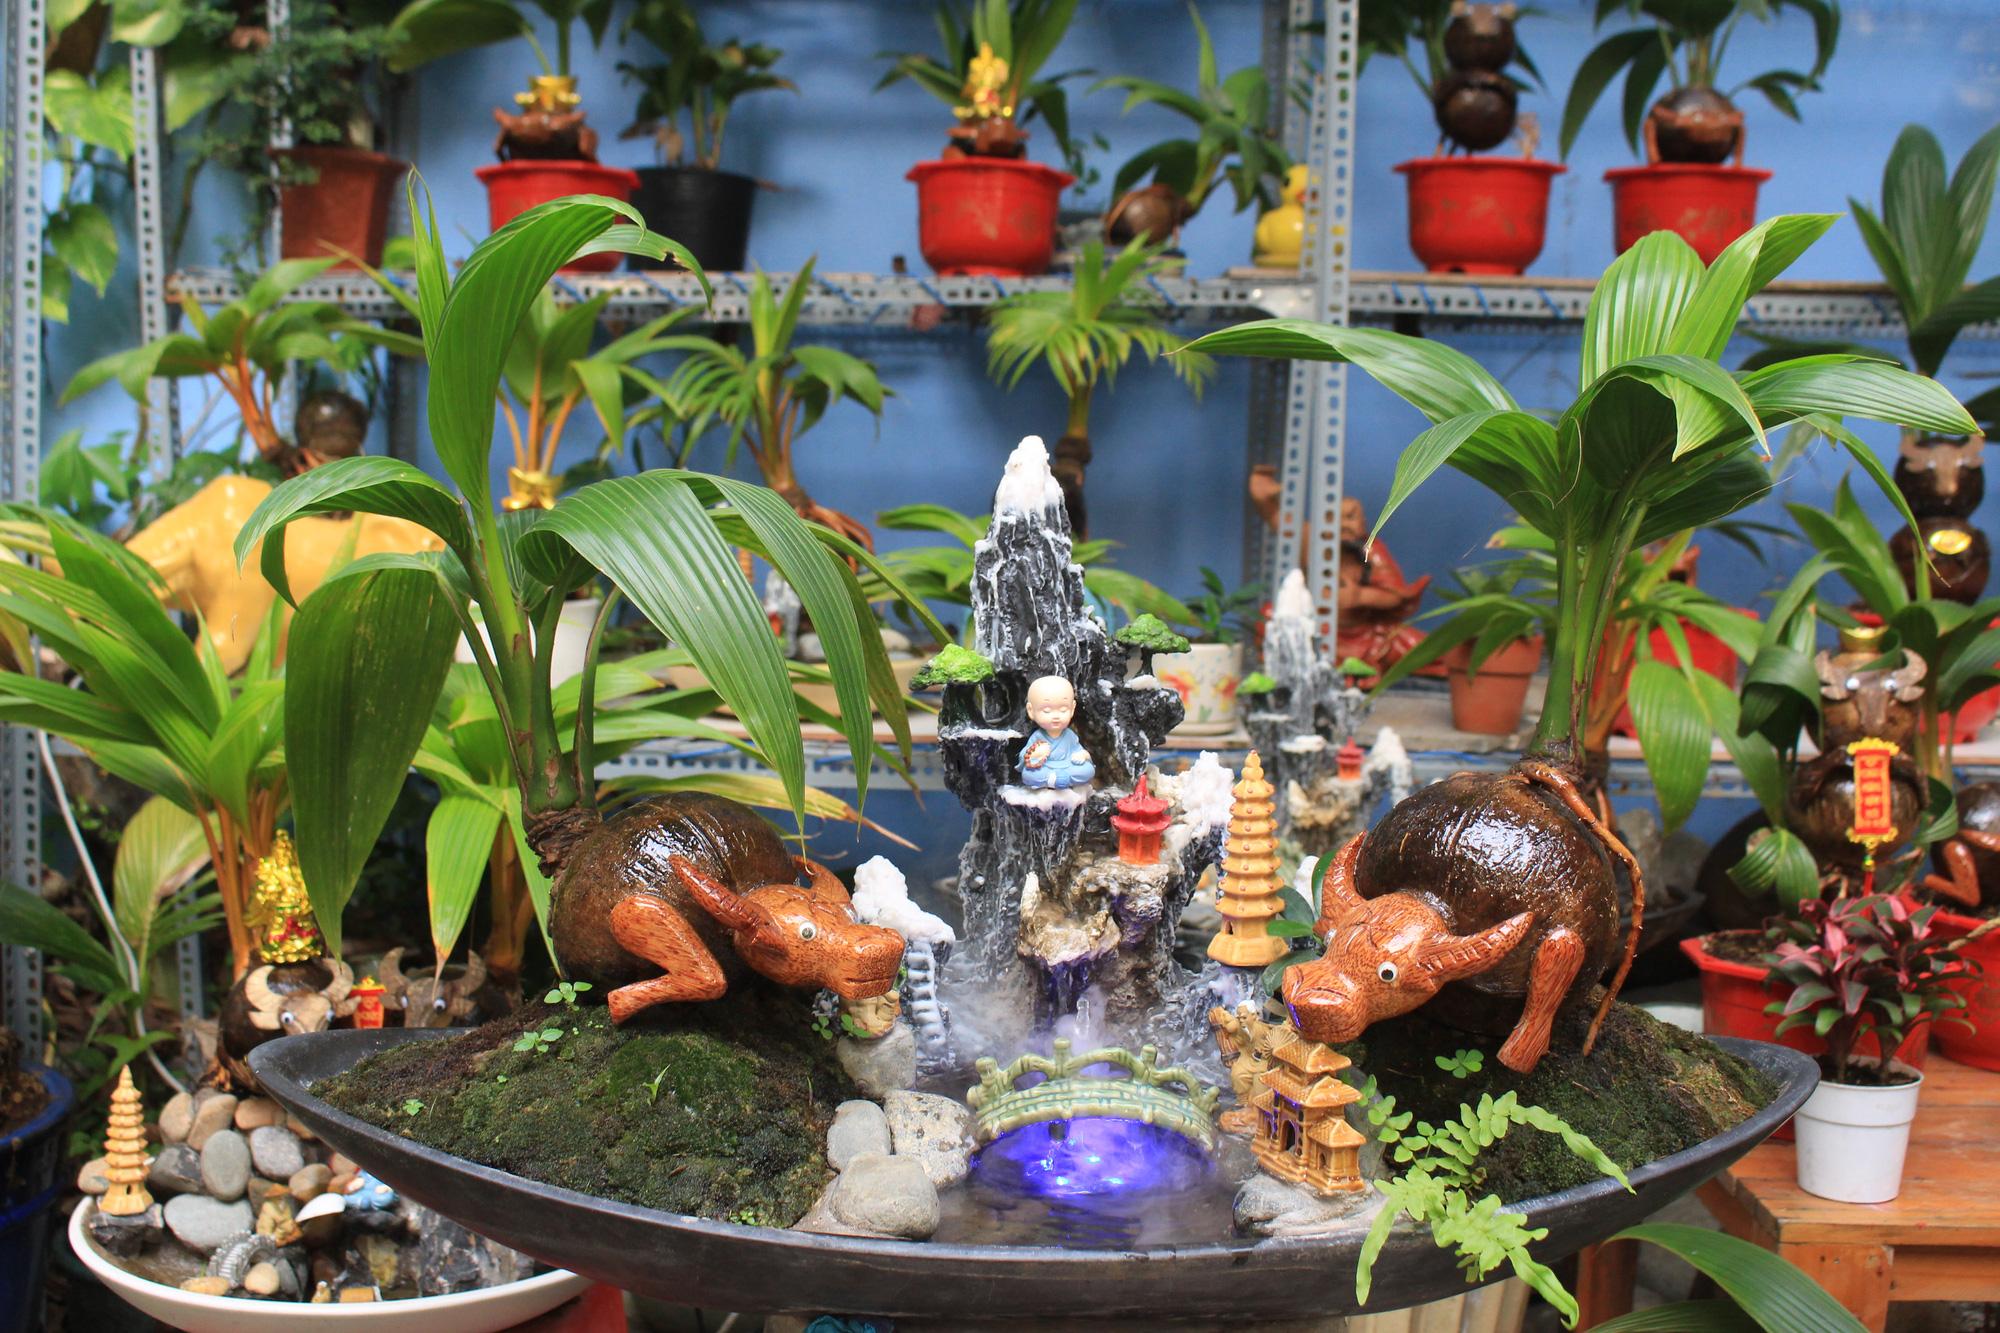 Độc đáo dừa khô bonsai hình trâu chơi Tết tiền triệu ở Sài Gòn - Ảnh 5.